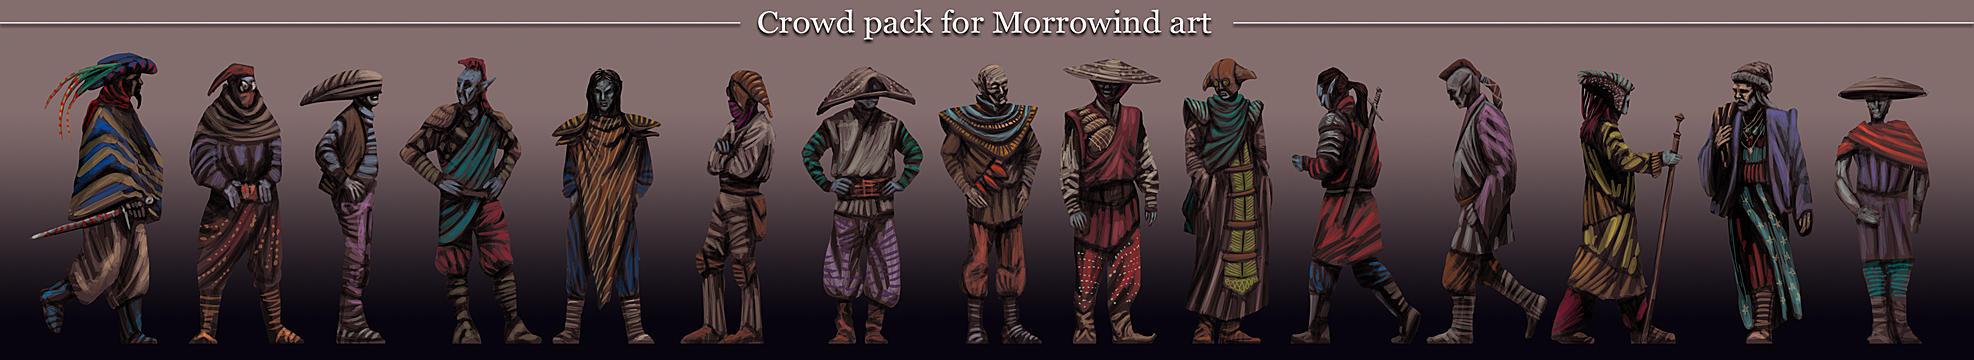 Morrowind persons pack by Lelek1980